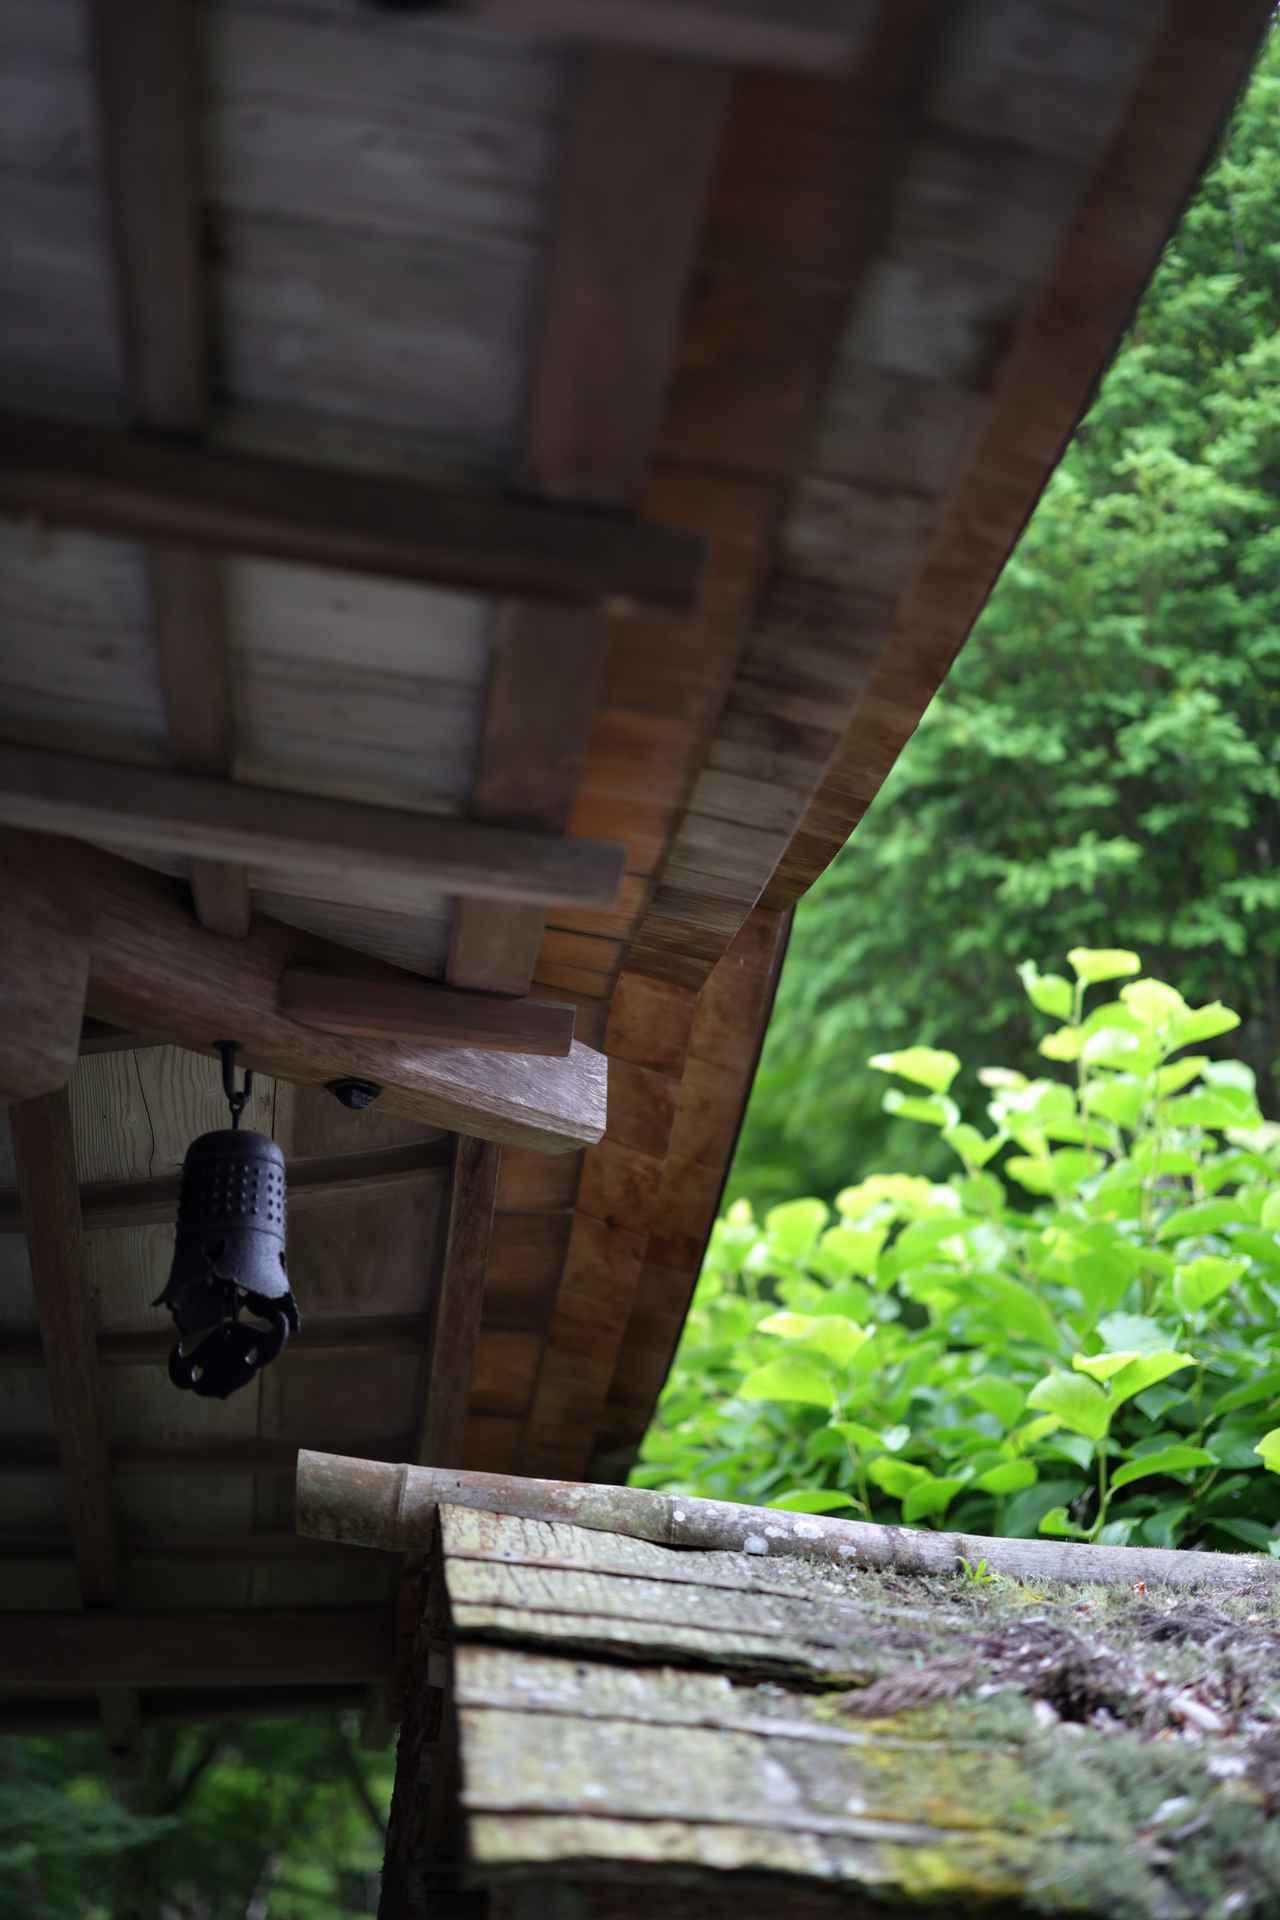 画像1: 世界文化遺産・高山寺 石水院 鎌倉時代 国宝